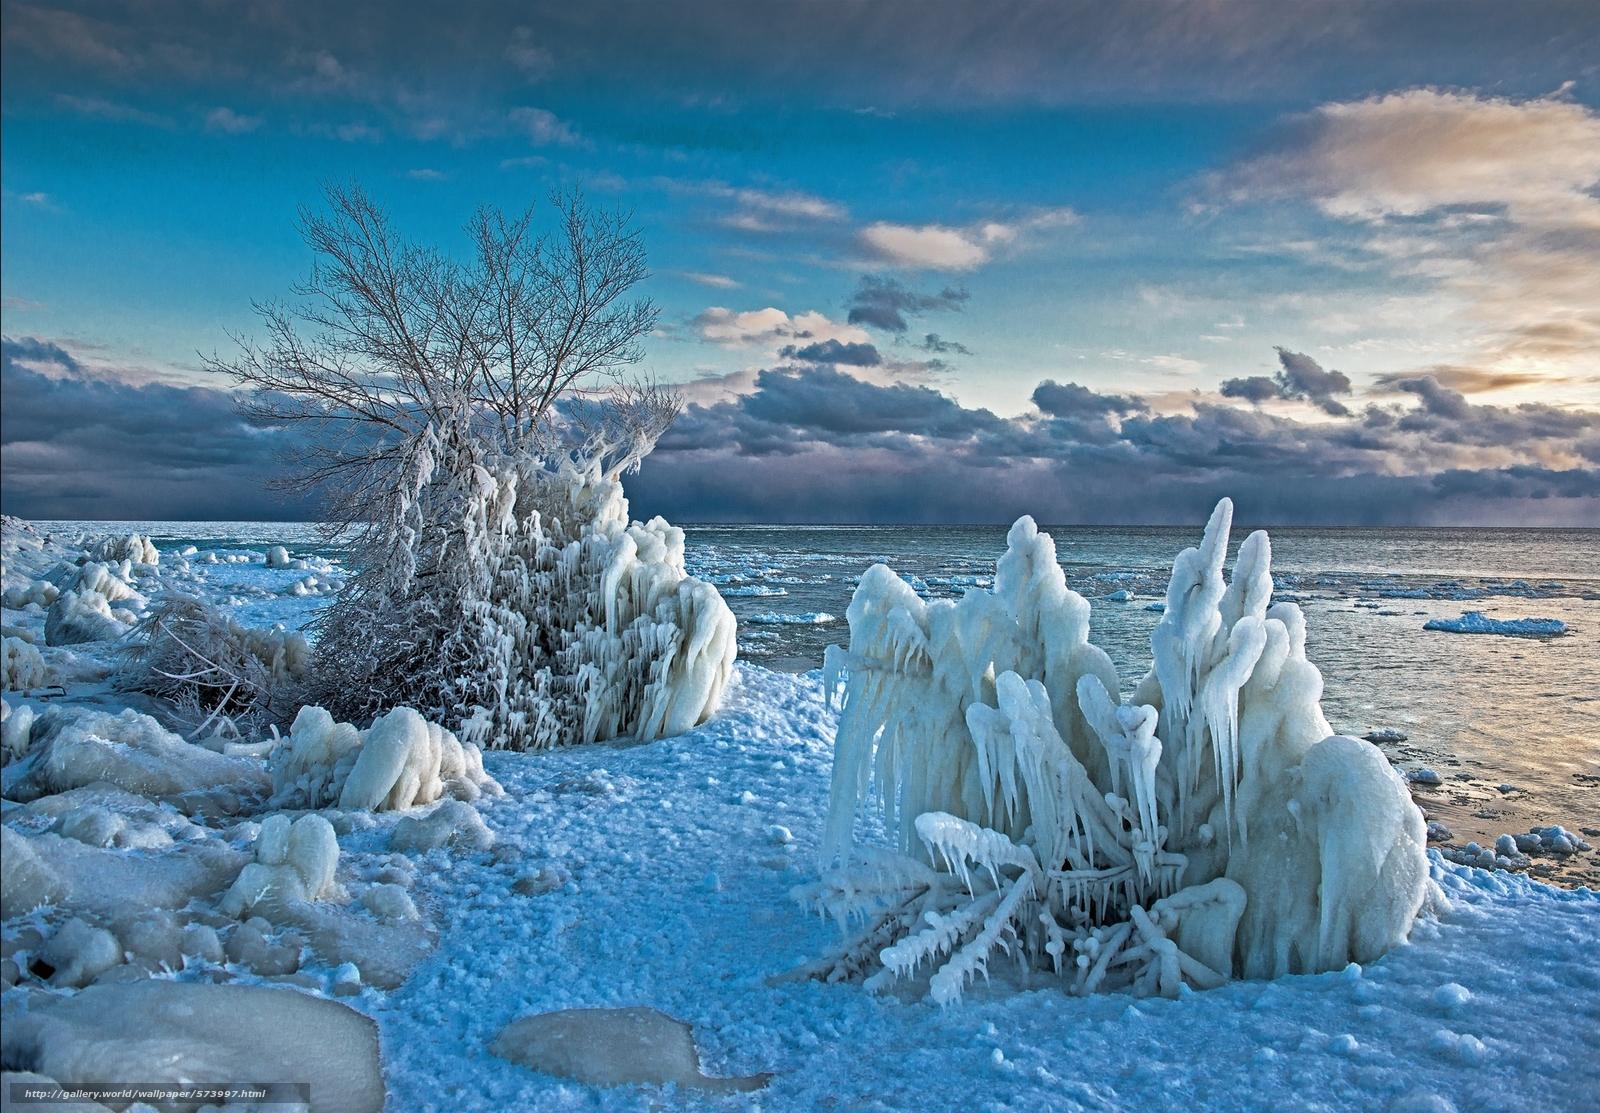 обои море зимой для рабочего стола № 632268 бесплатно